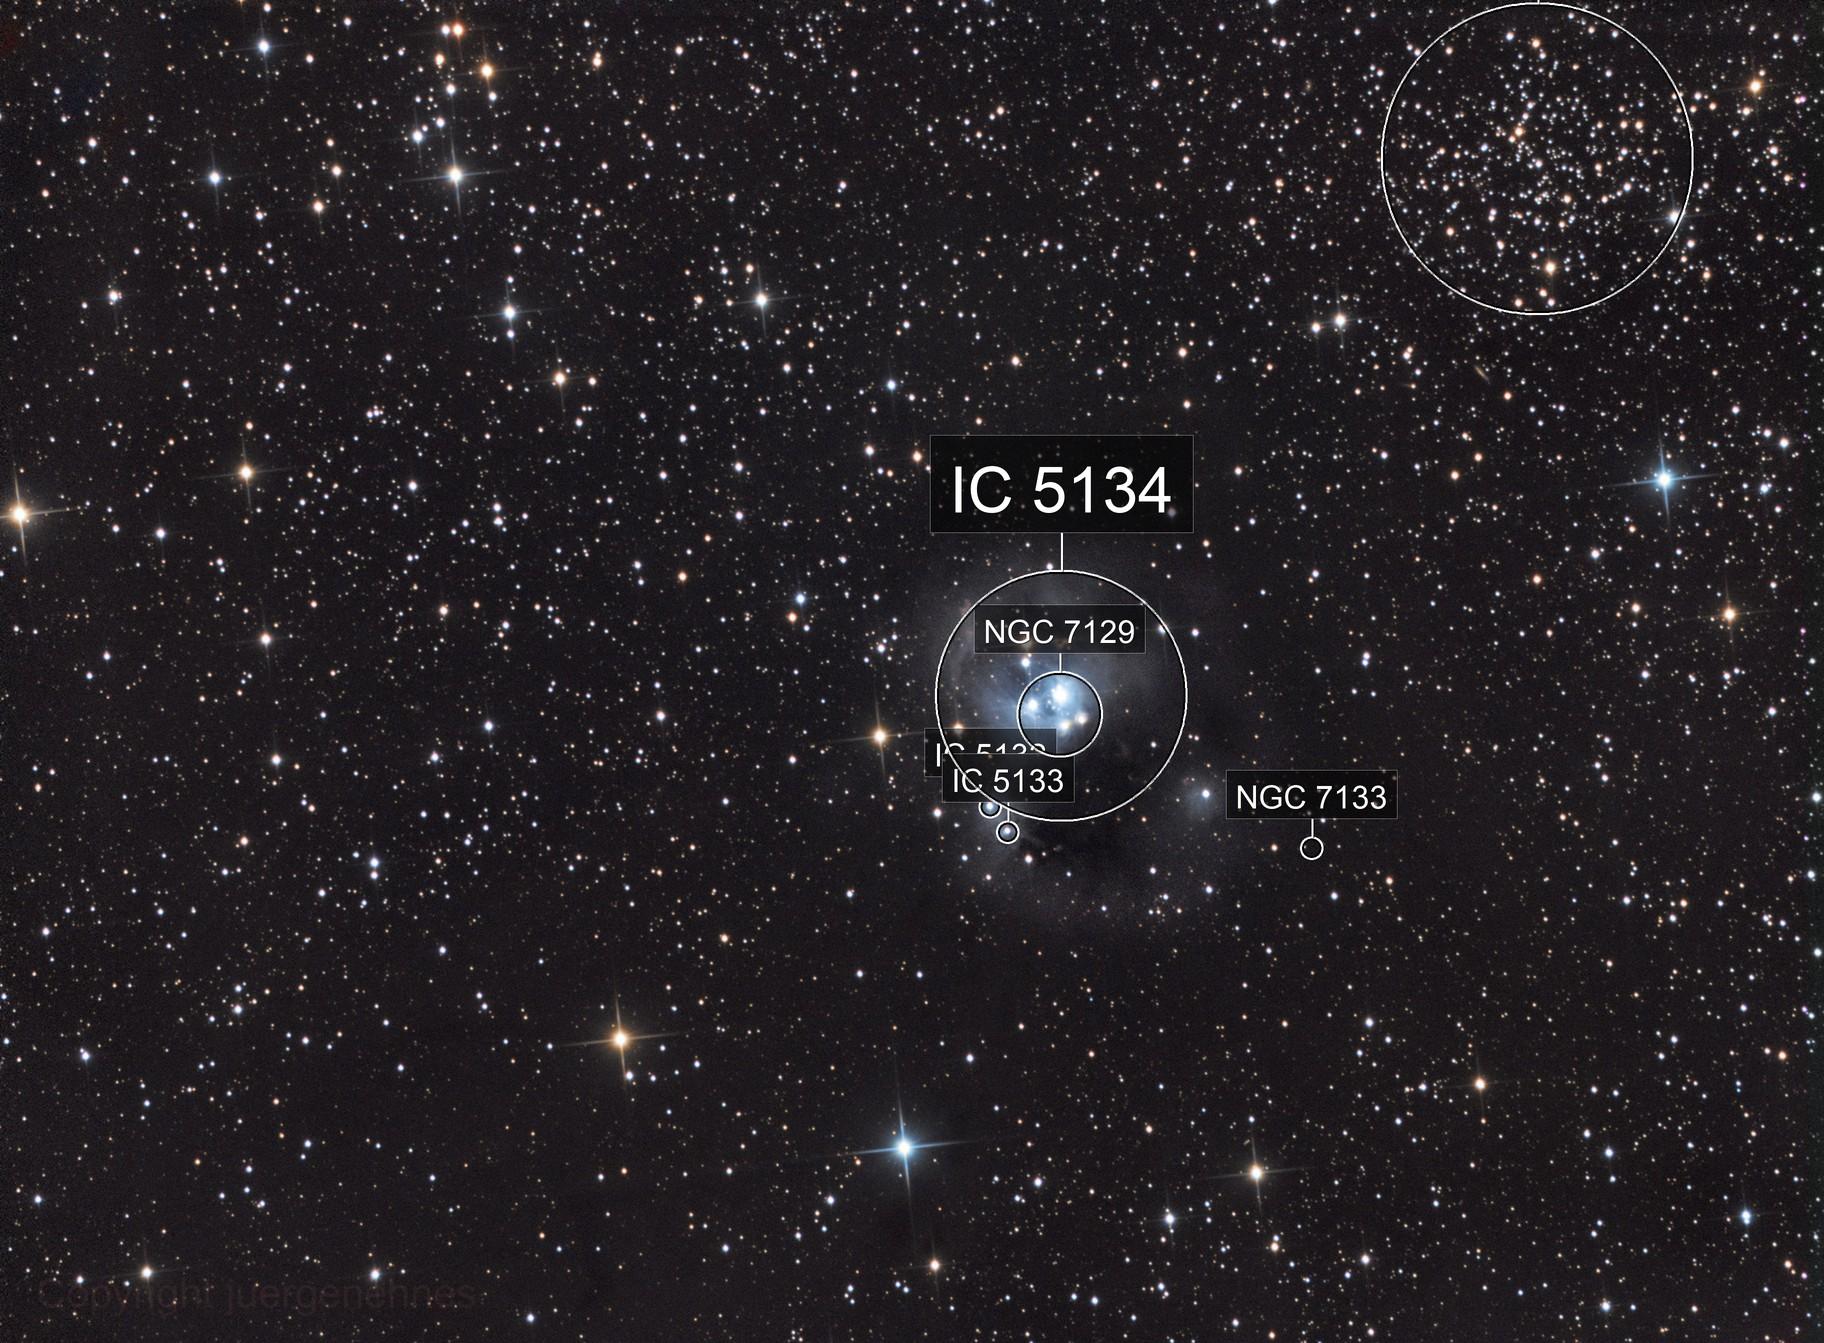 NGC 7129 in LRGB